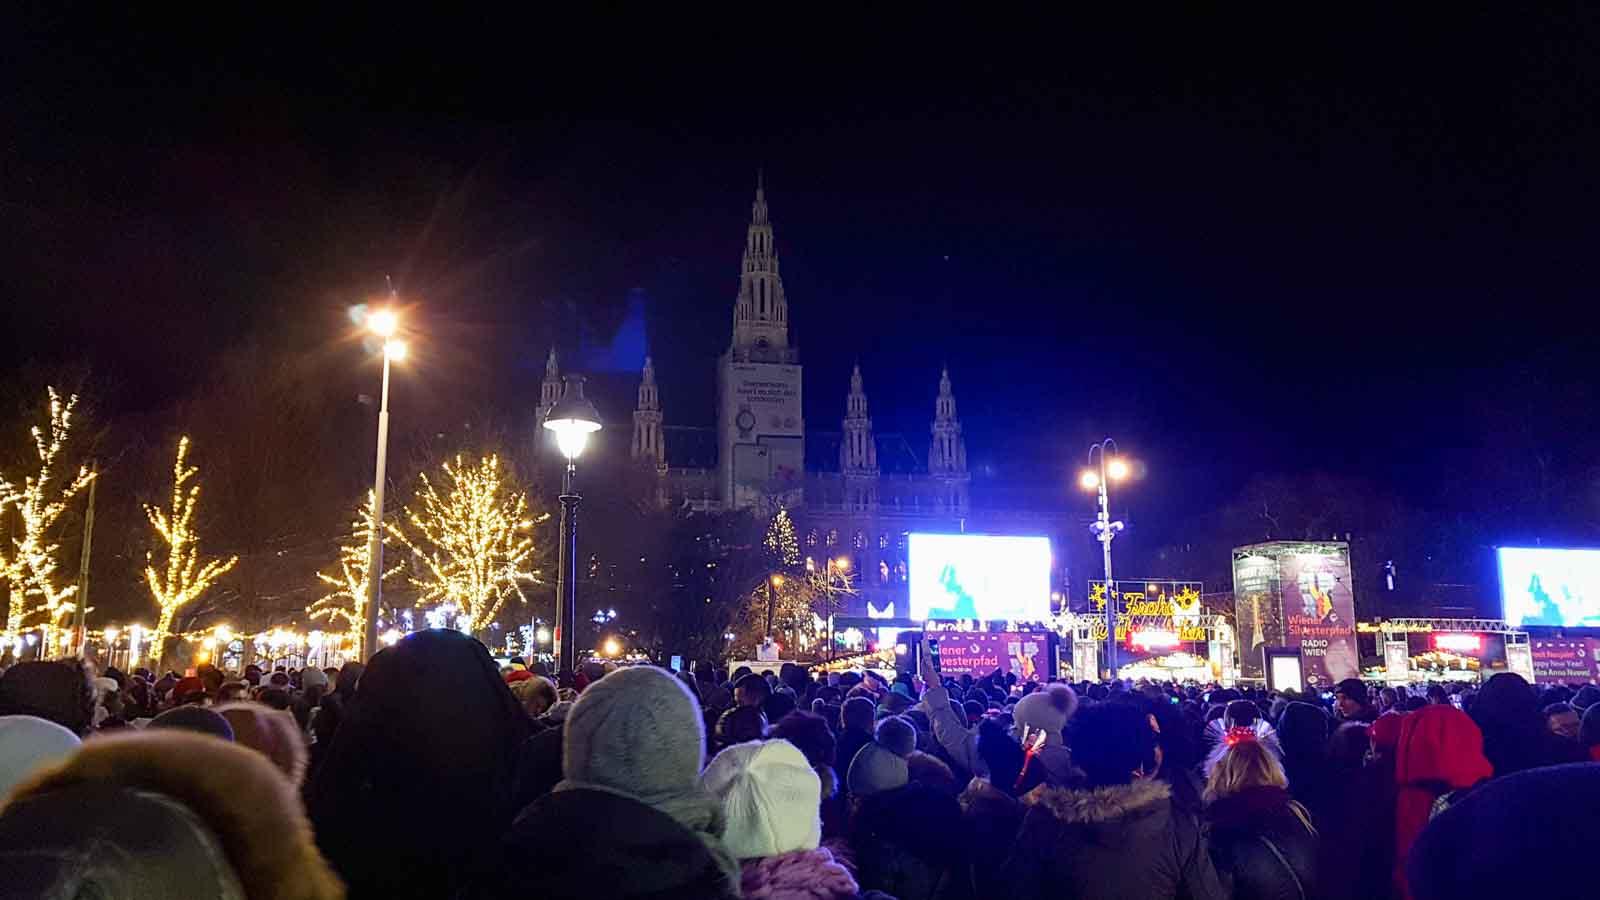 Austria, Europa, Europe, Location, New Year, Ort, Silvester, Vienna, Wien, Winter, Österreich